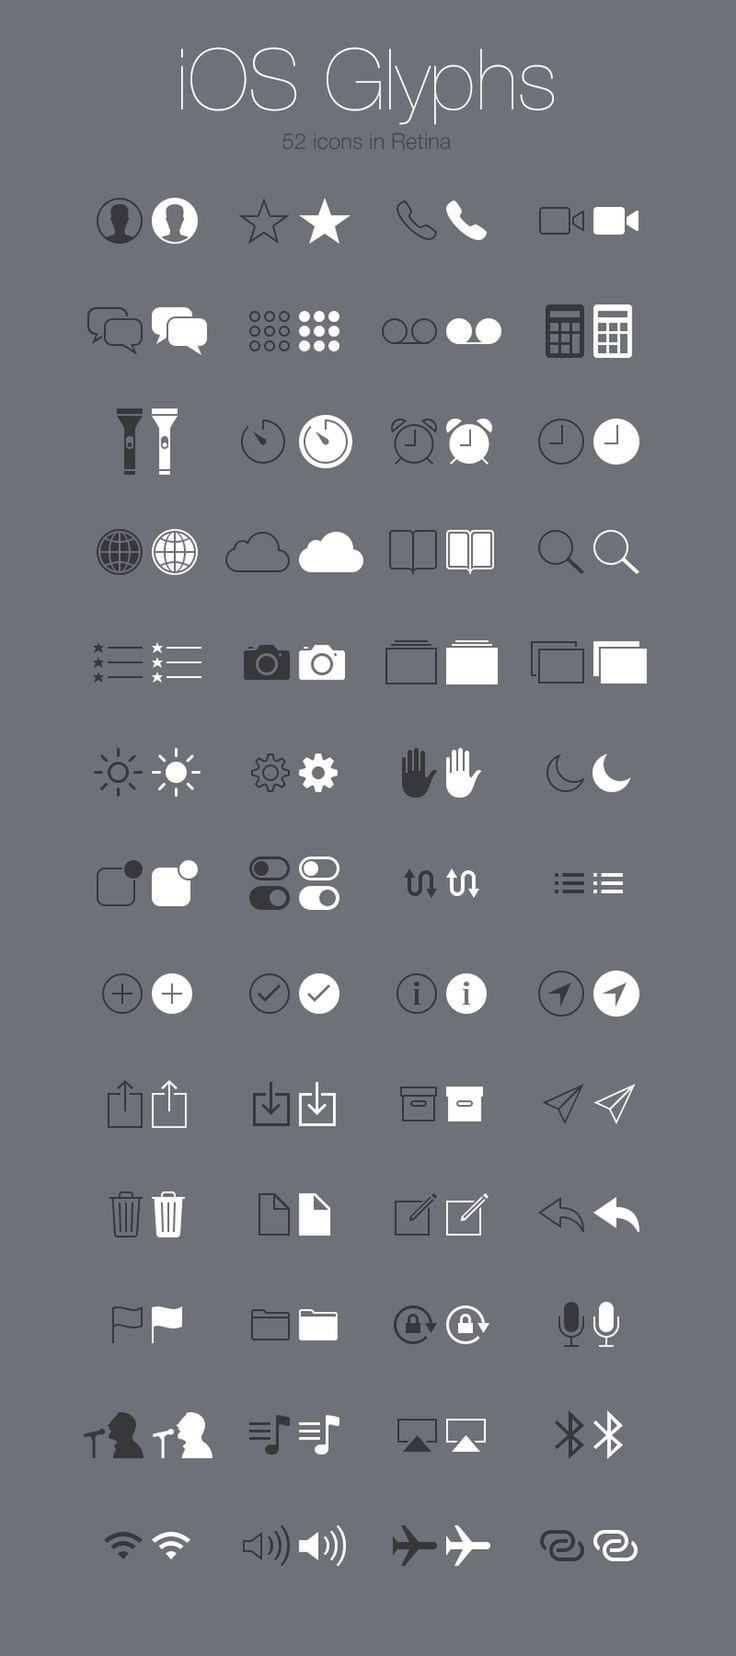 Web design freebies, Free iOS Glyphs